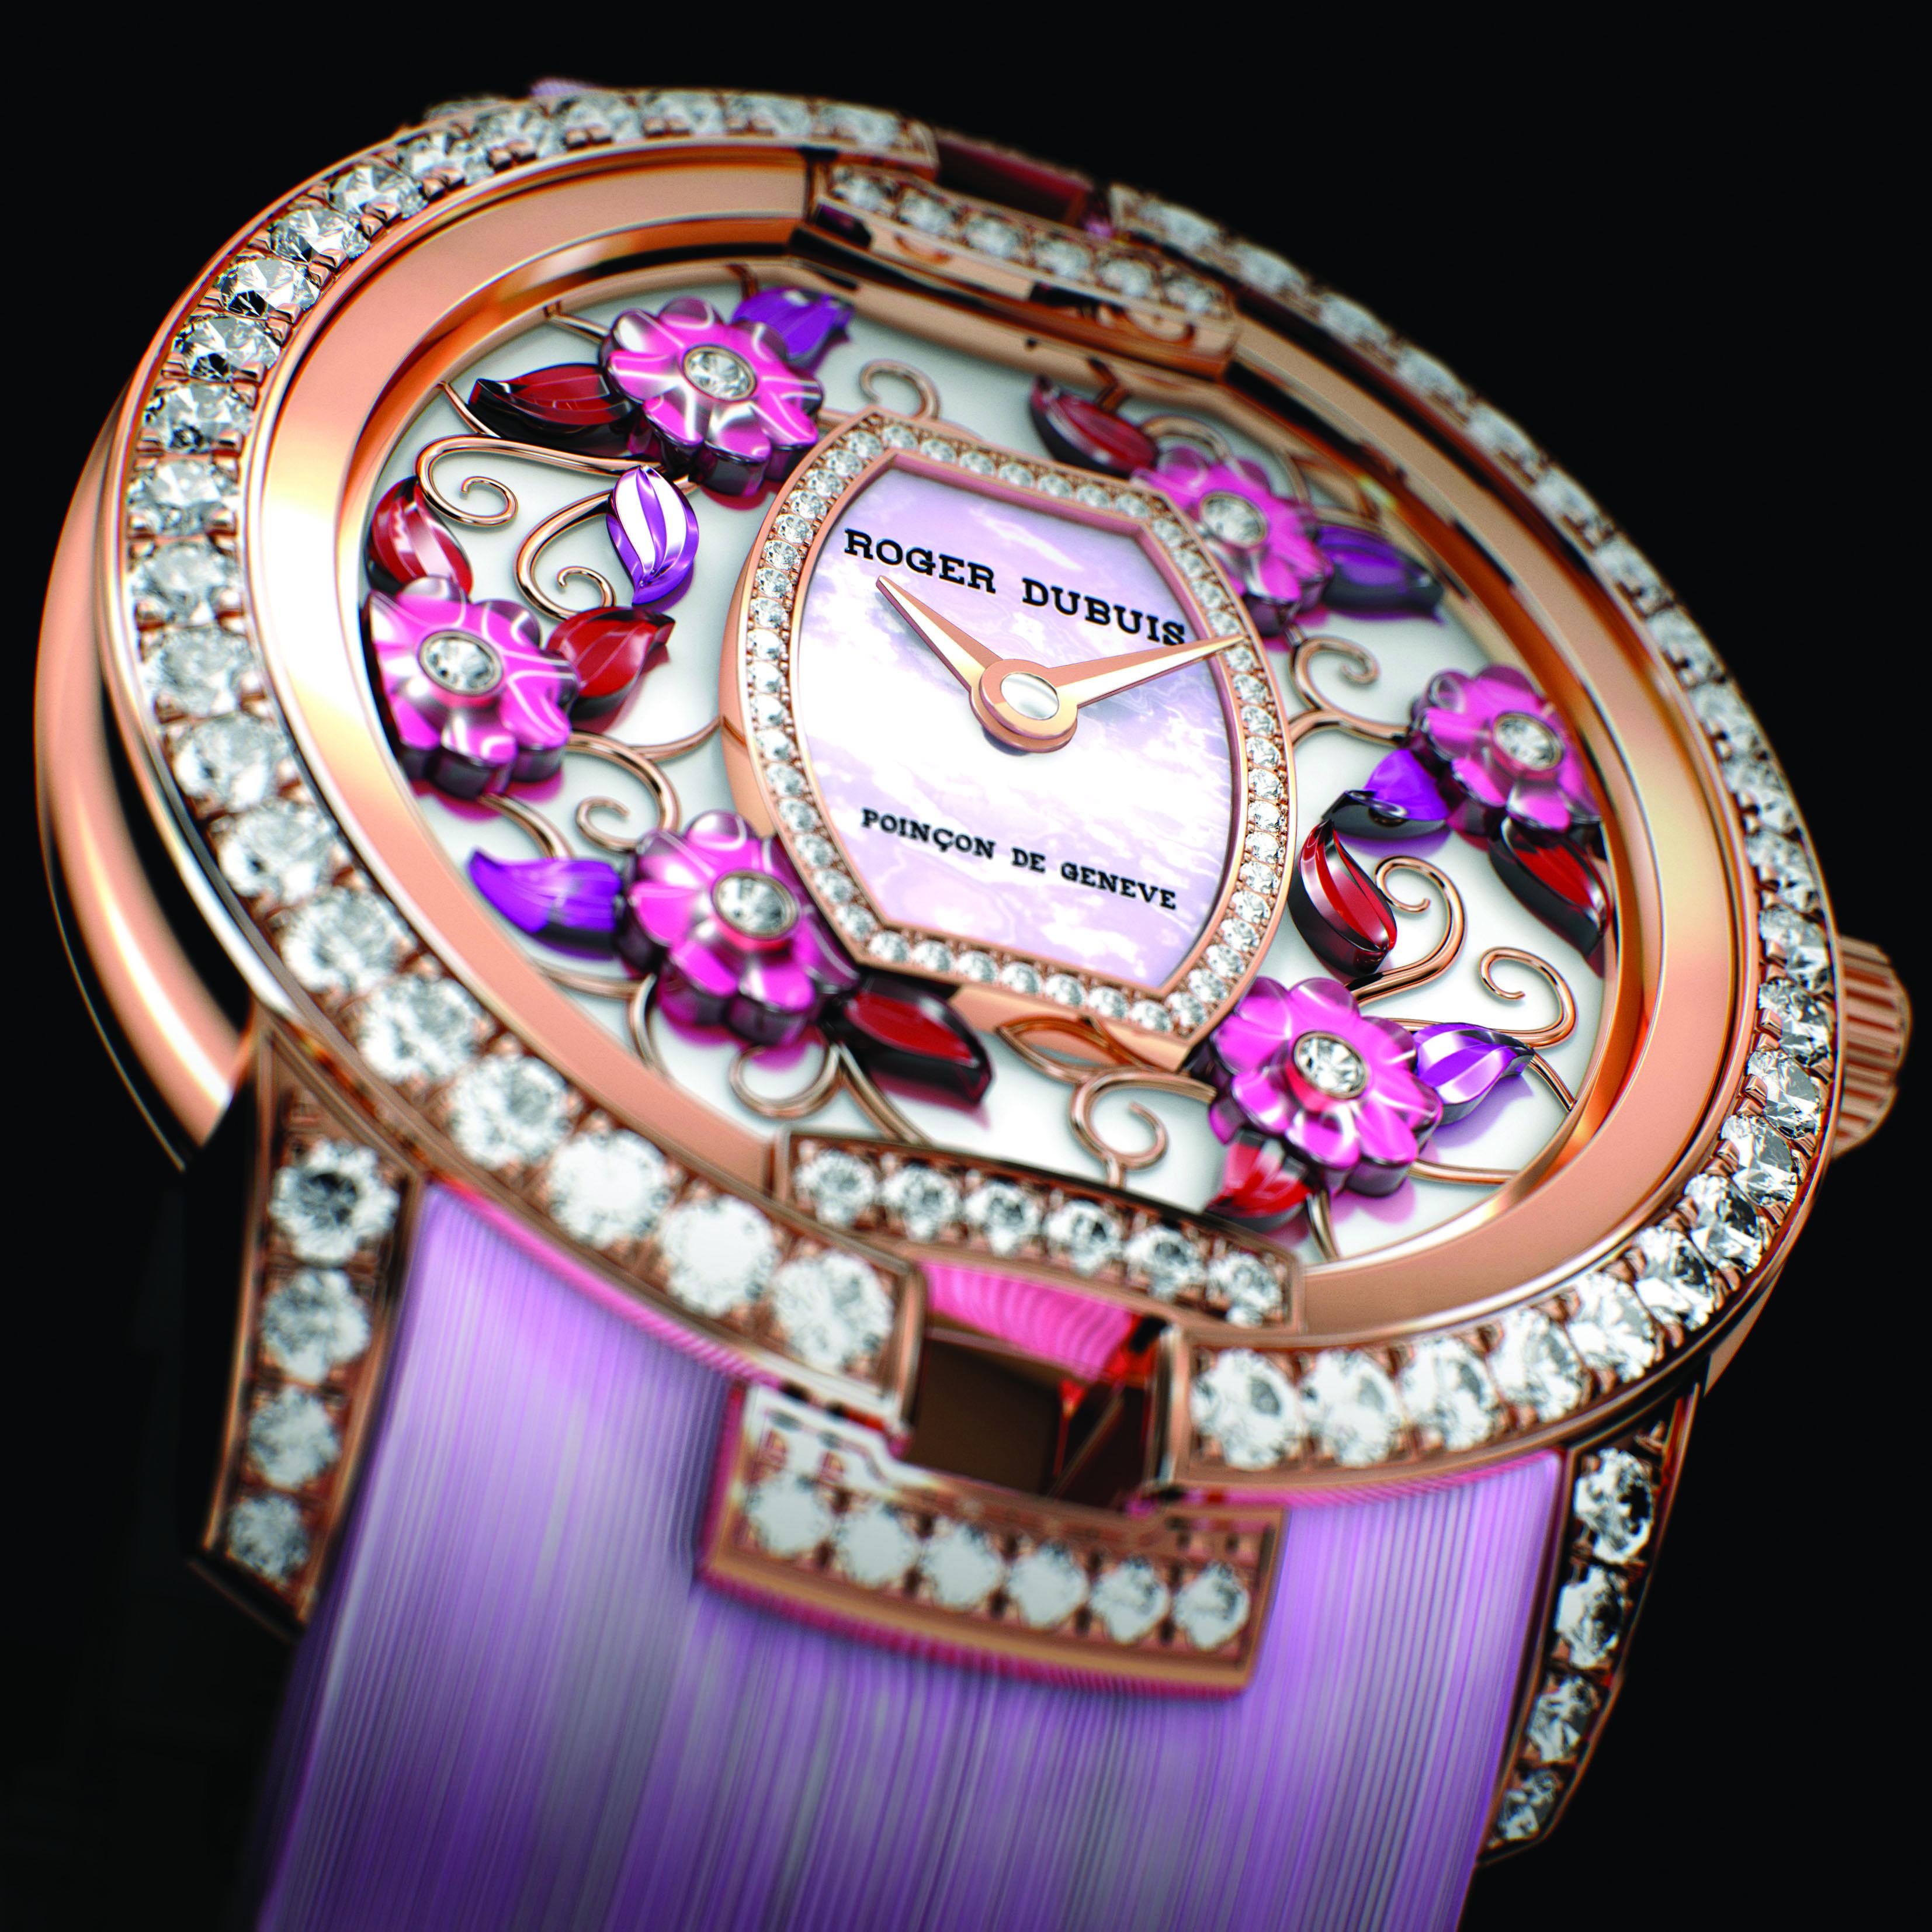 Salone dell'alta orologeria Dubuis